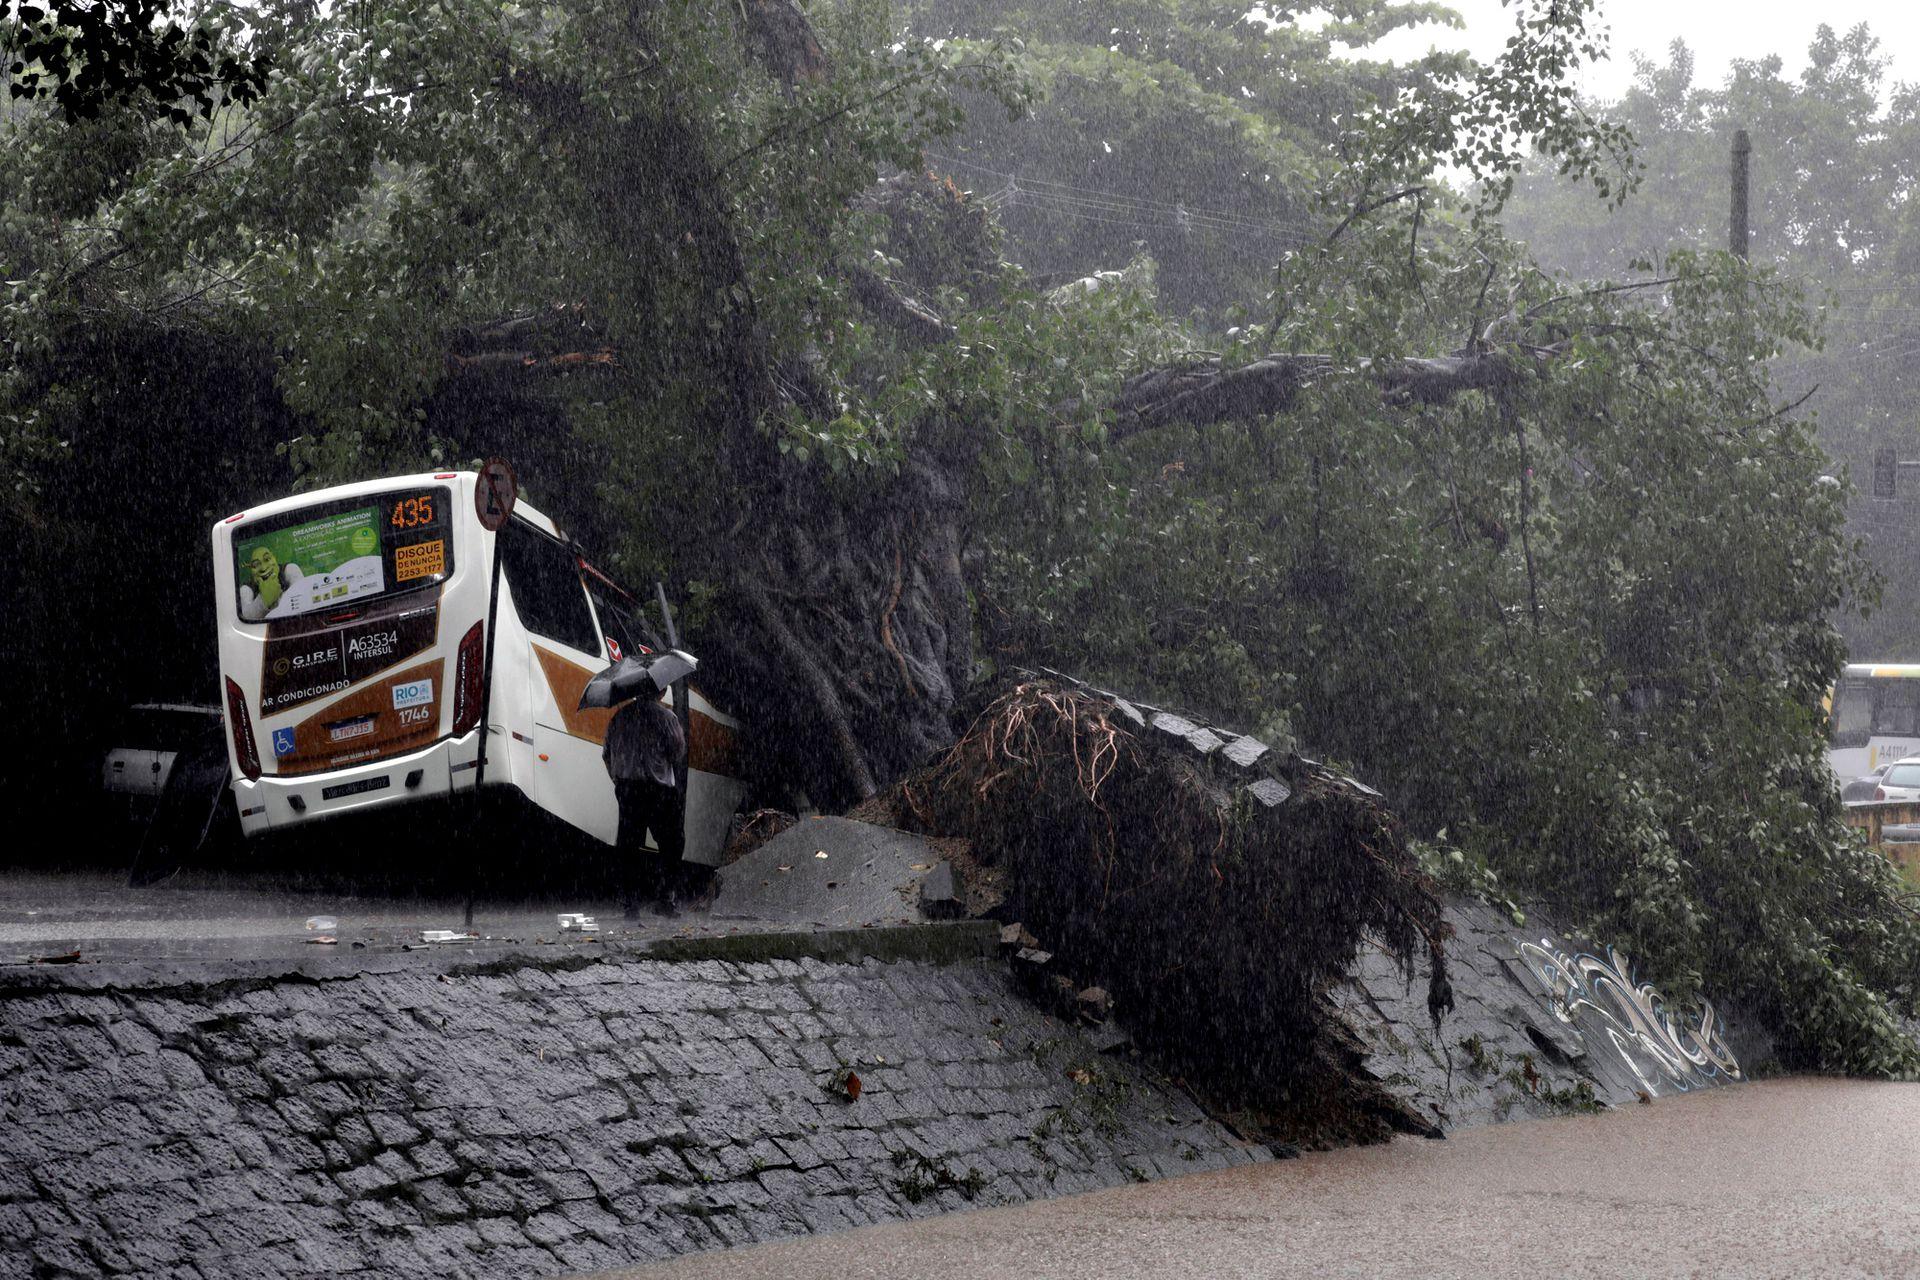 Un autobús se ve debajo de los árboles arrancados por las fuertes lluvias en el barrio de Leblon en Río de Janeiro